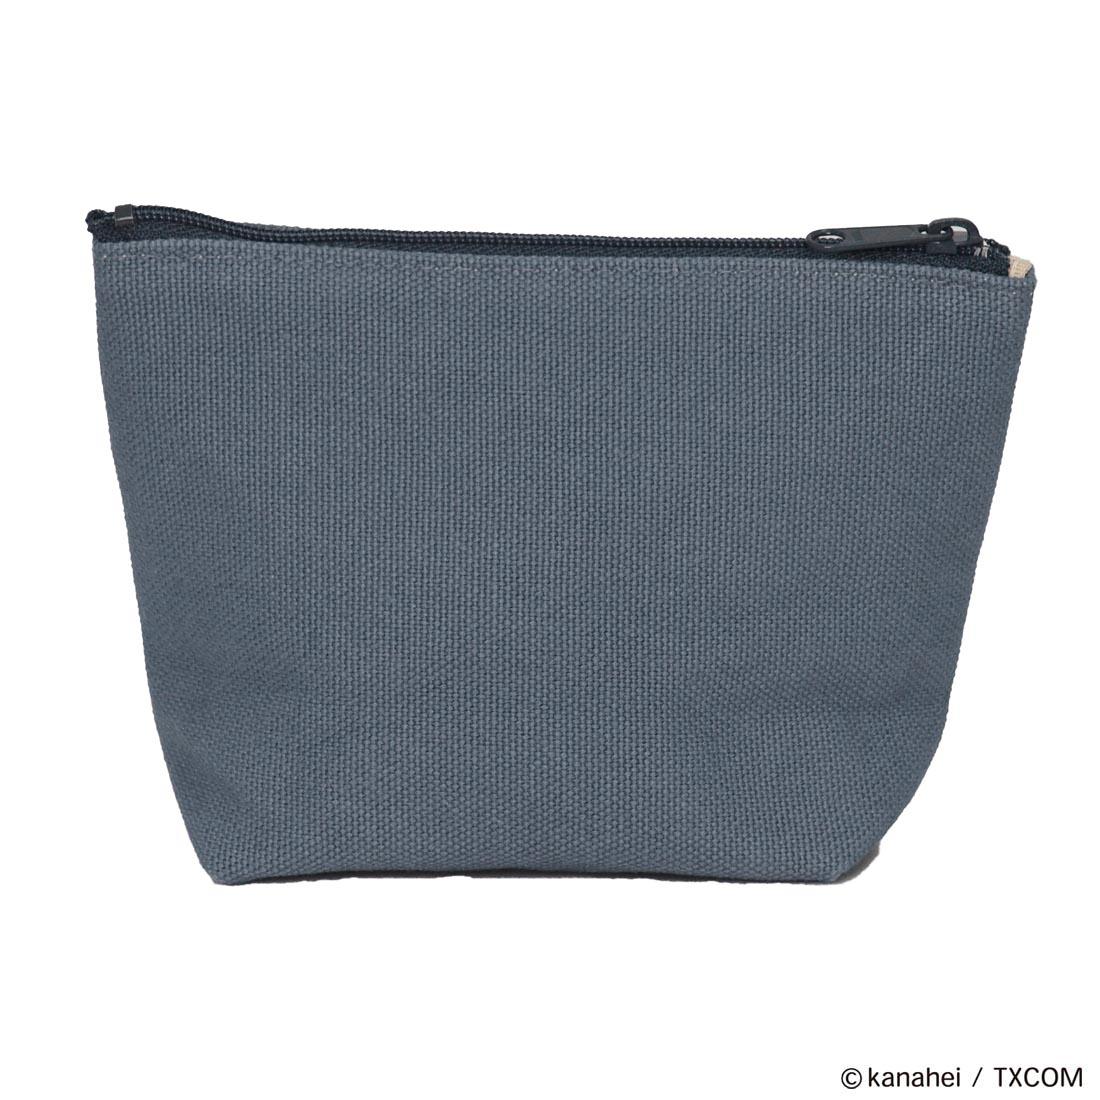 ピスケとうさぎ 相良(サガラ)刺繍ワッペン付き倉敷帆布ポーチ アッシュグレー